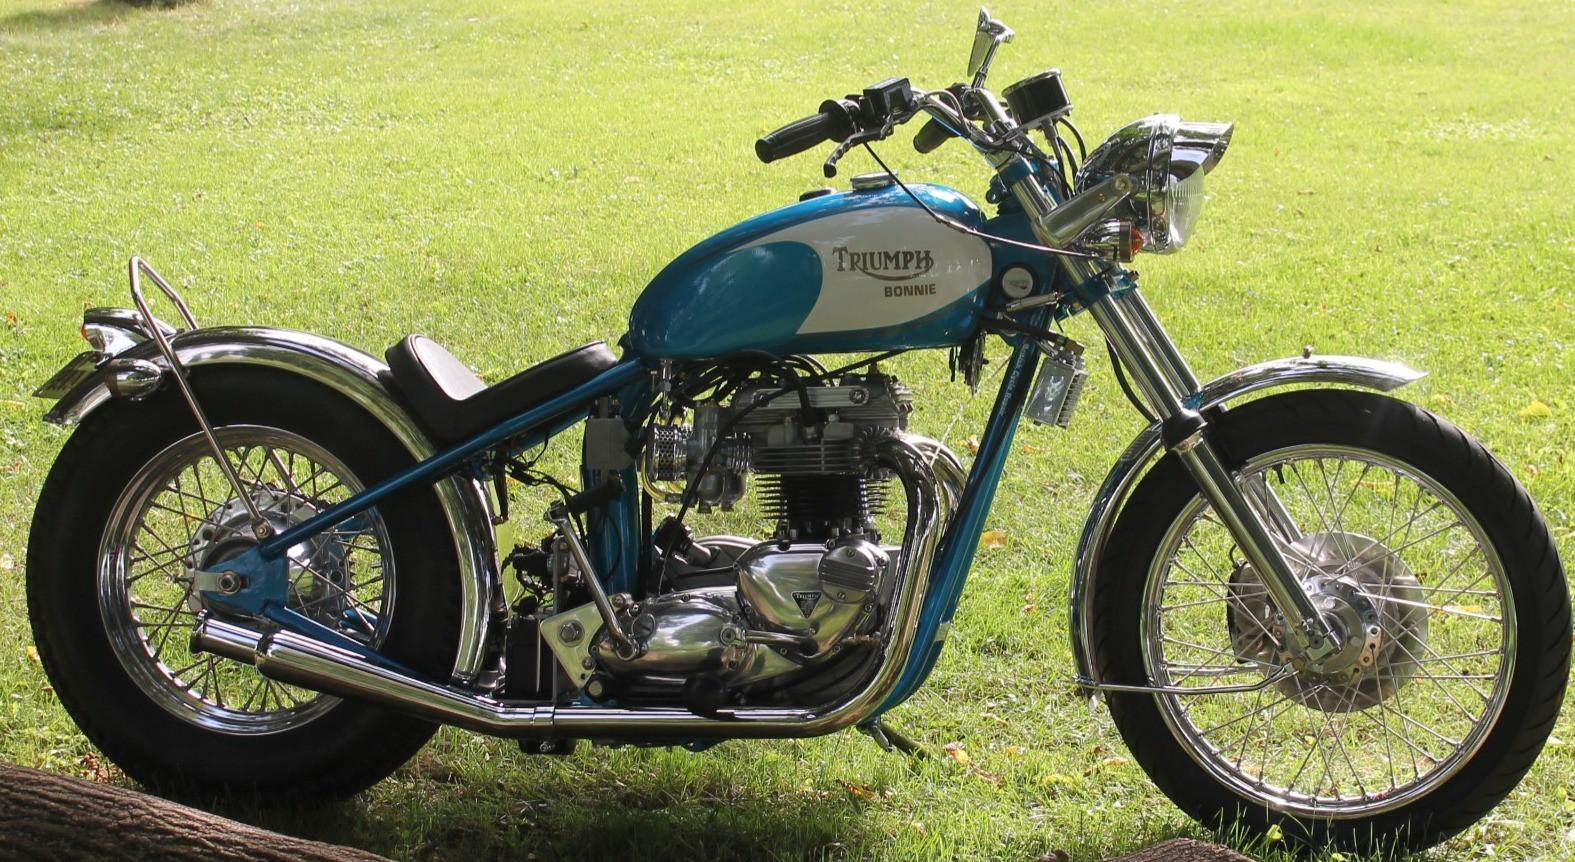 1973 750 Triumph Bonneville motorcycle